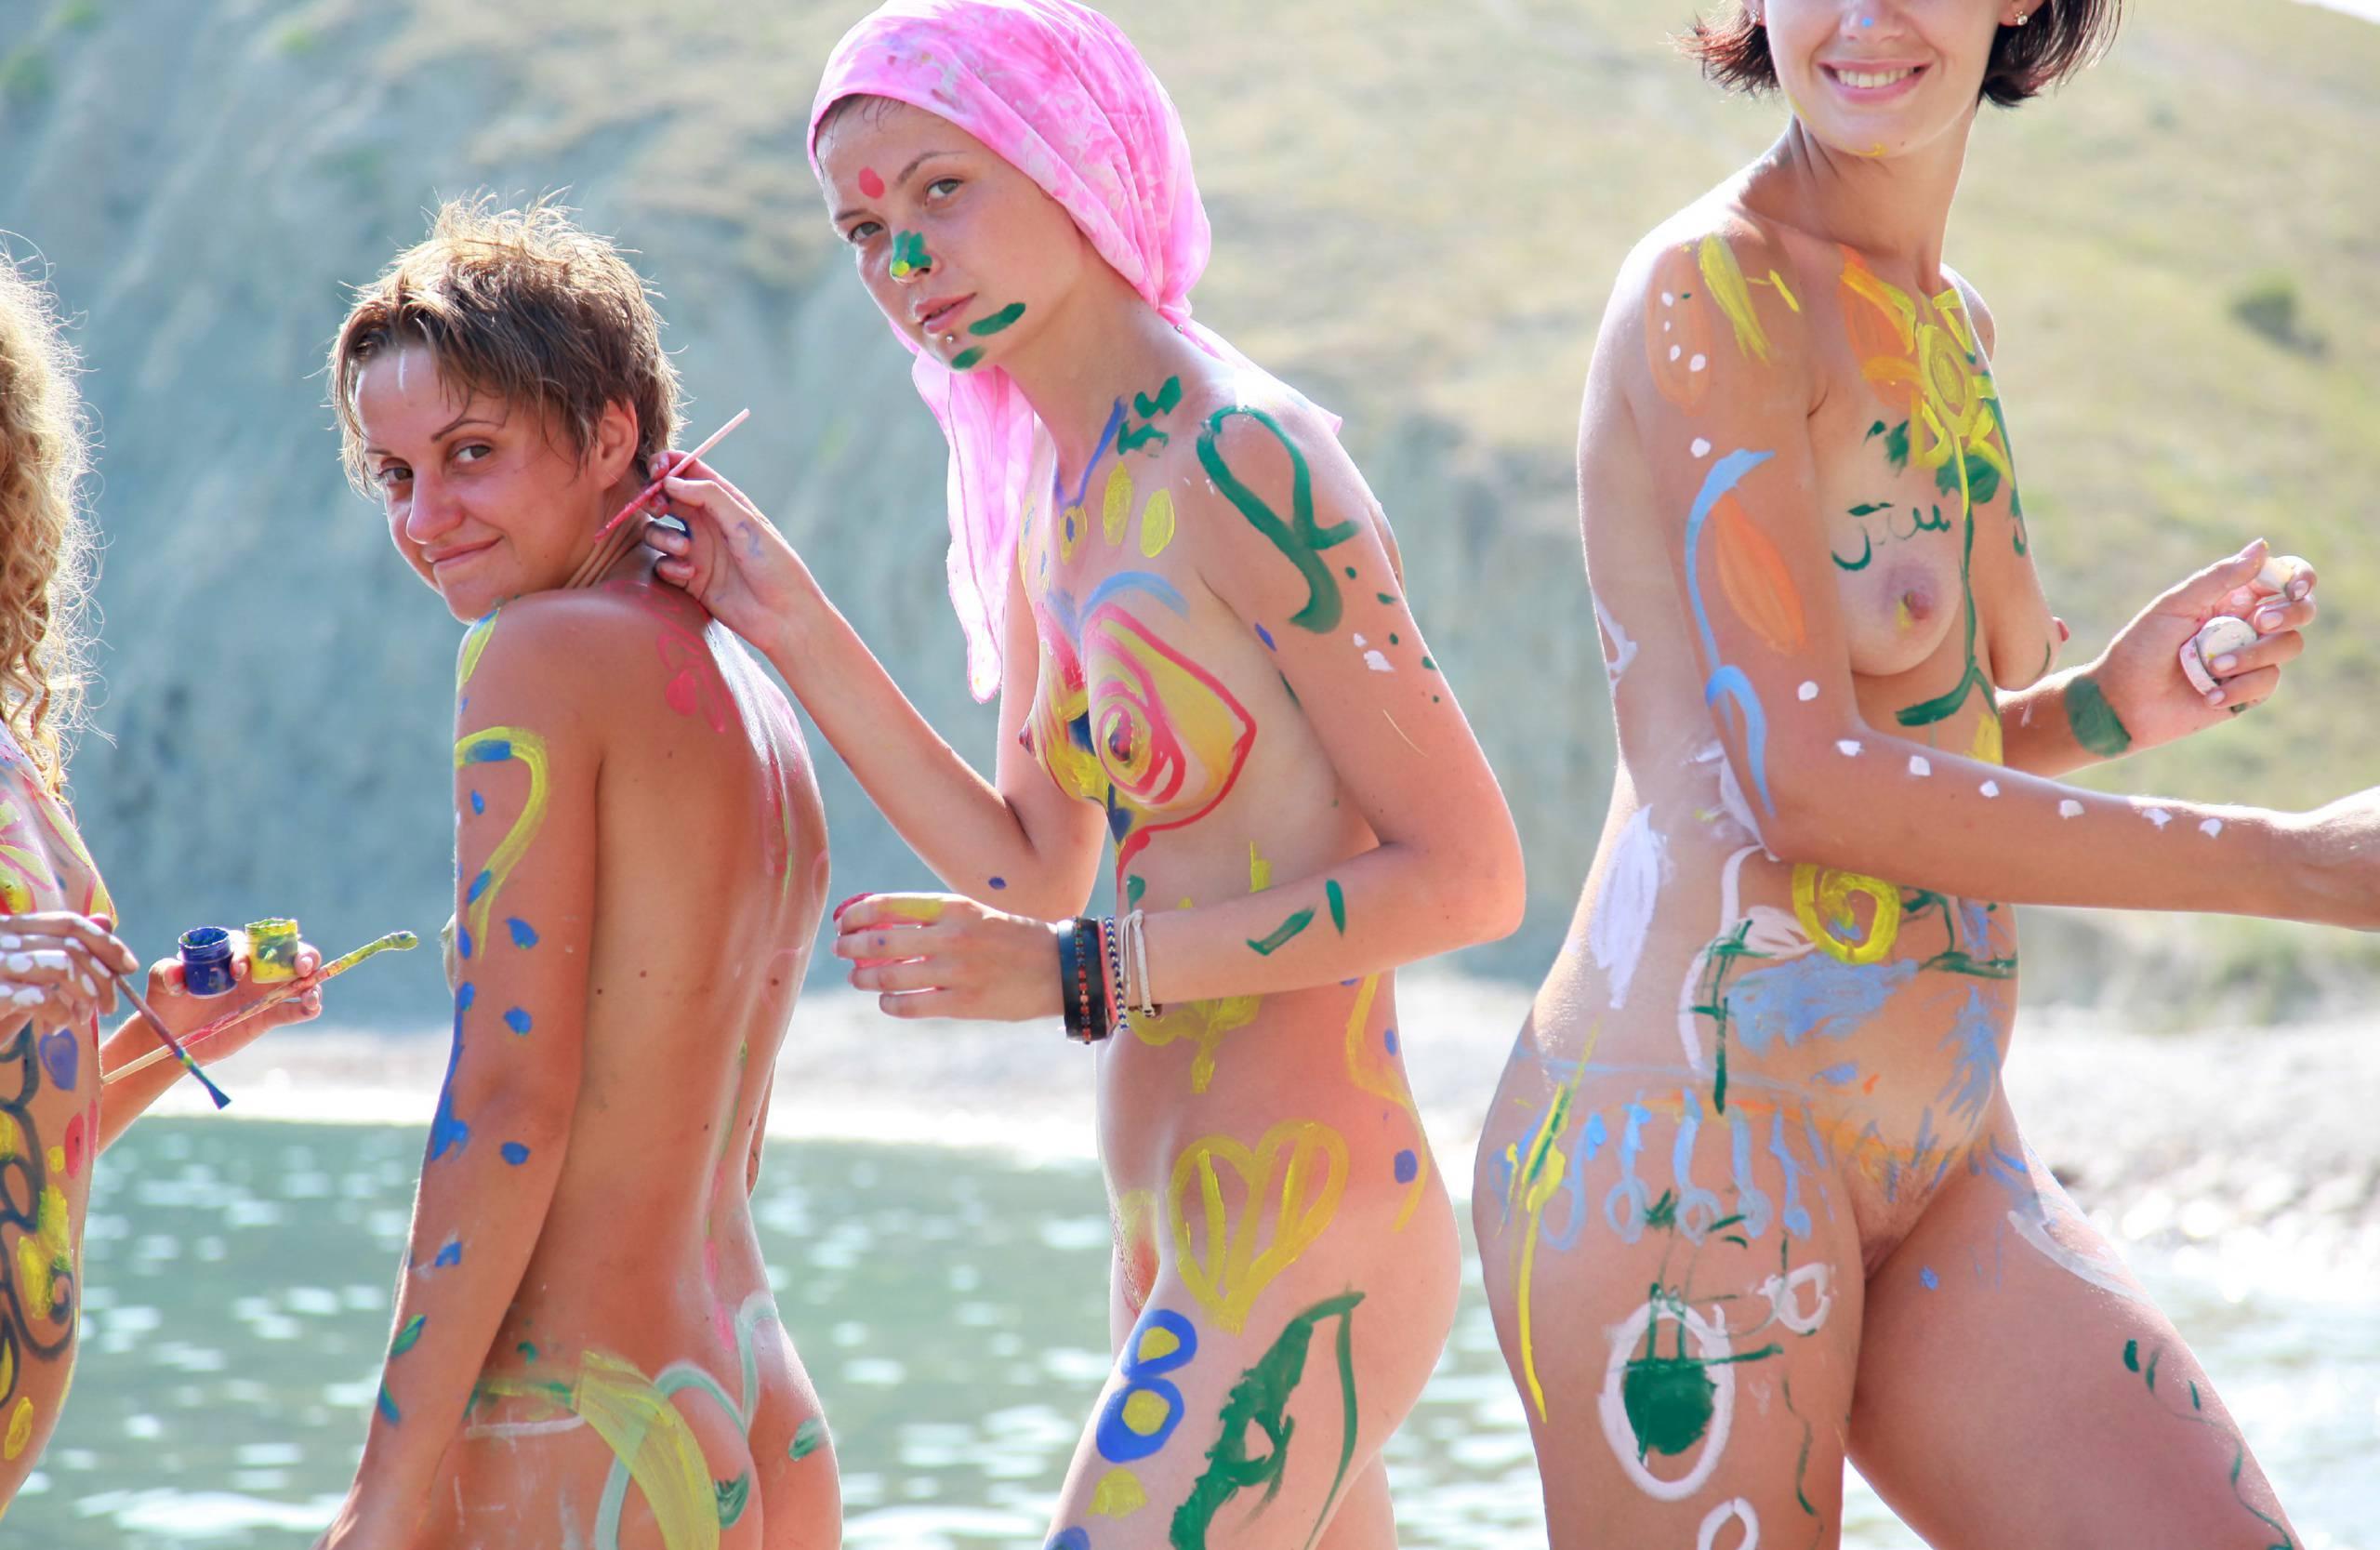 Nudist Pics A Mediterranean Crag - 2